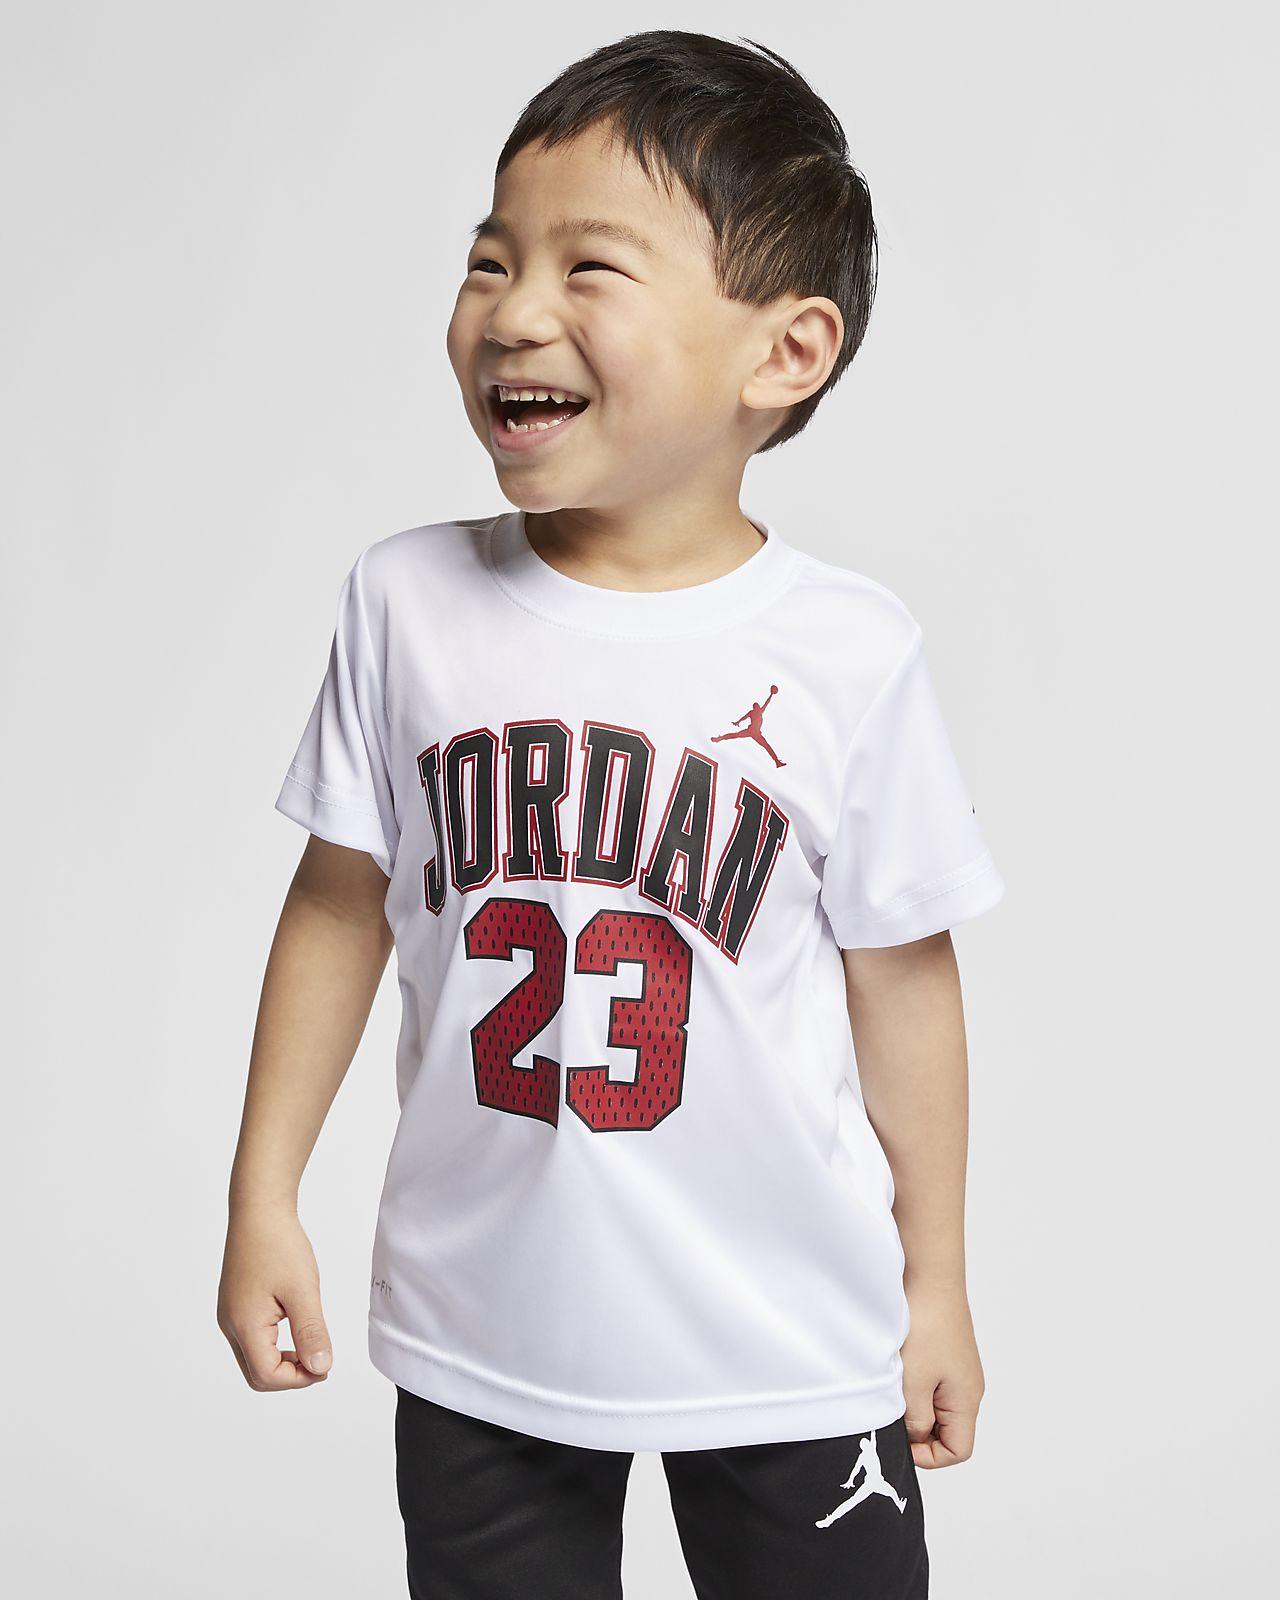 Jordan Dri-FIT 23 Camiseta con estampado - Niño/a pequeño/a